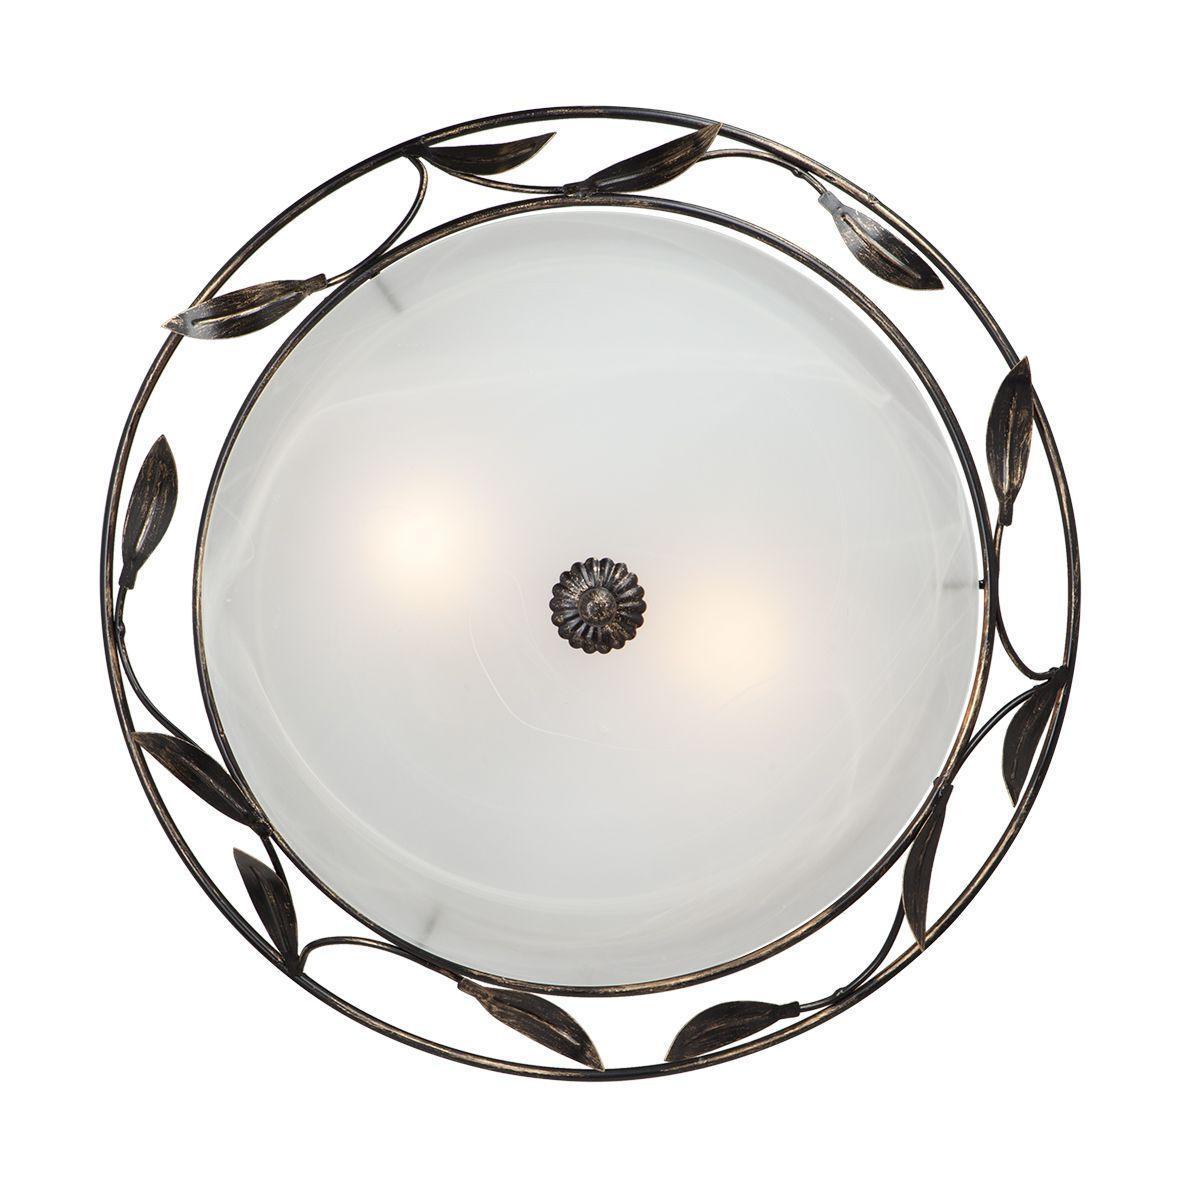 все цены на Настенно-потолочный светильник Vitaluce V6858/2A, белый онлайн